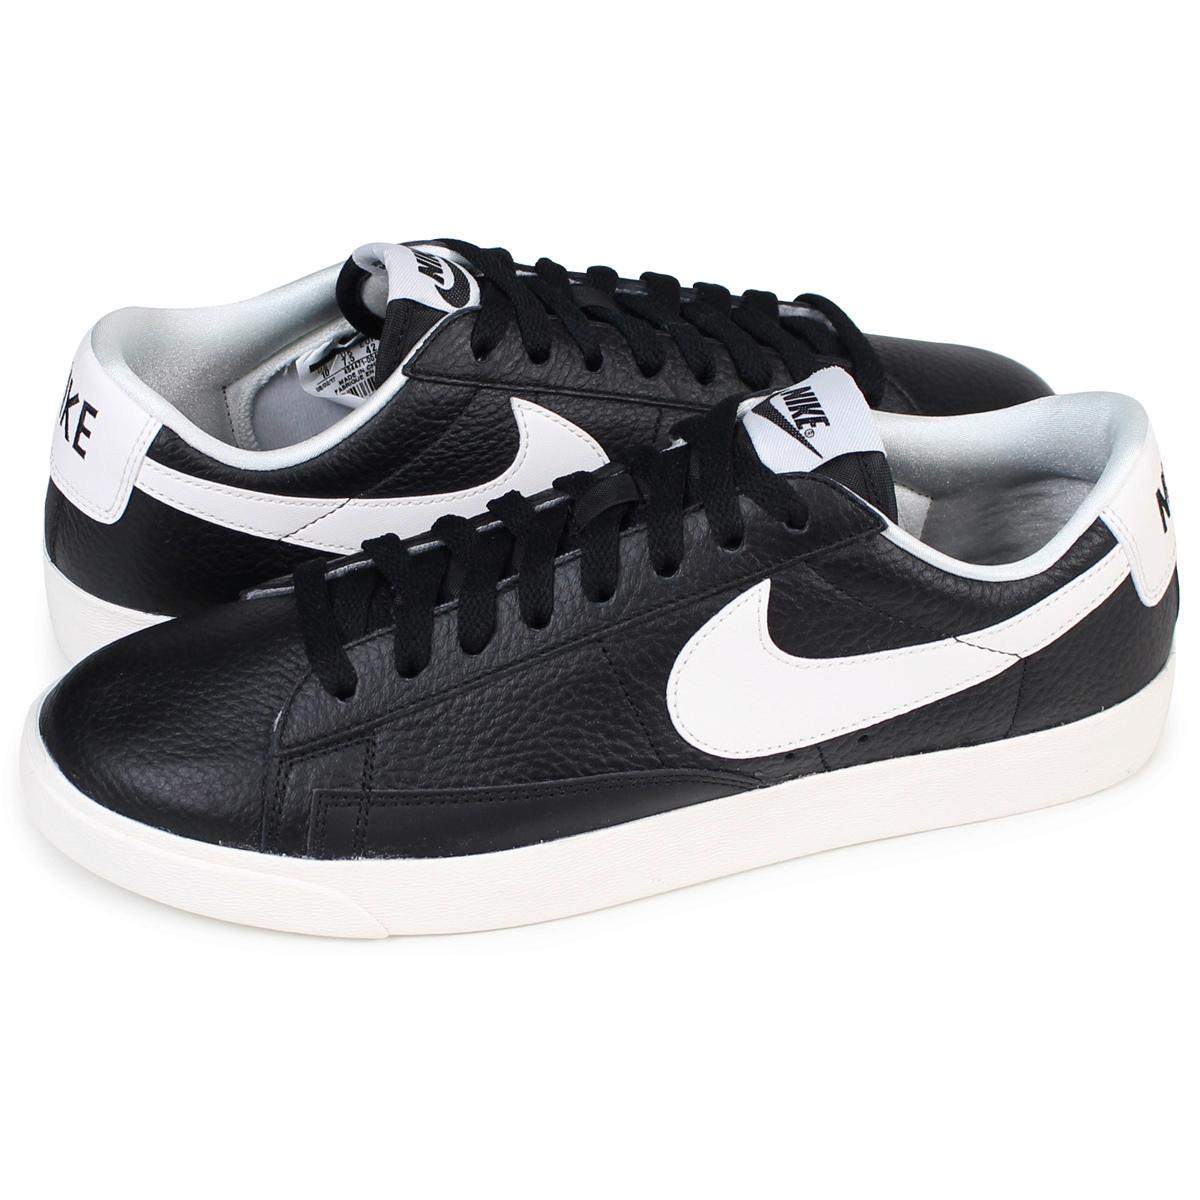 on sale 42a85 484ac NIKE WMNS BLAZER LOW PREMIUM Nike blazer Lady s sneakers 454,471-004 men s  shoes black ...